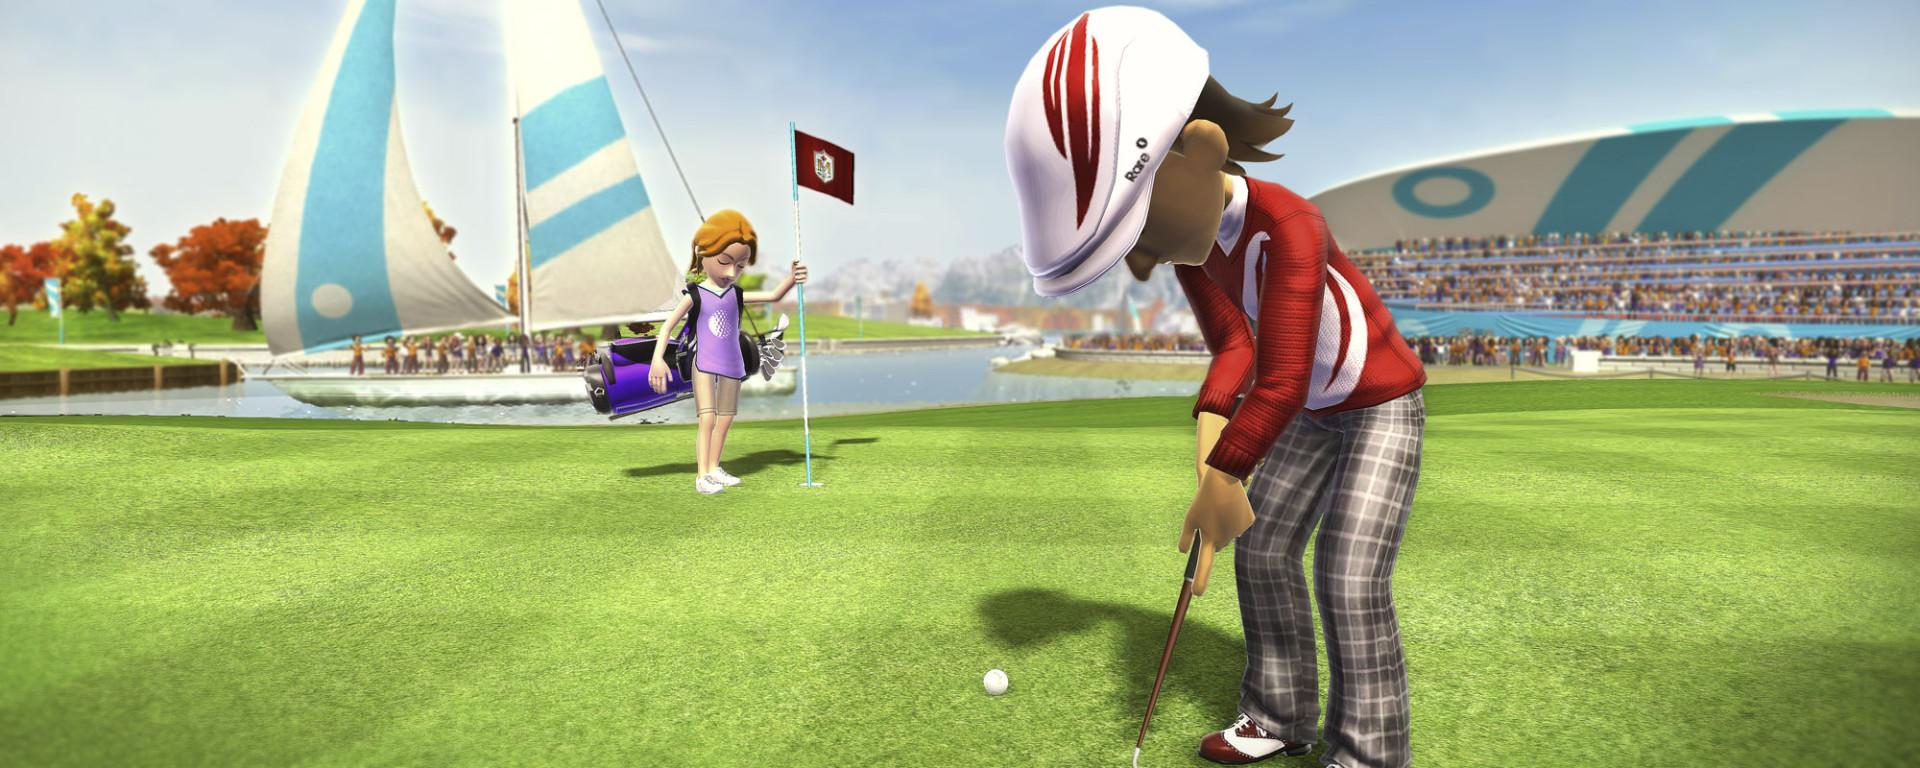 Kinect-Sports-Season-Two-Wallpaper